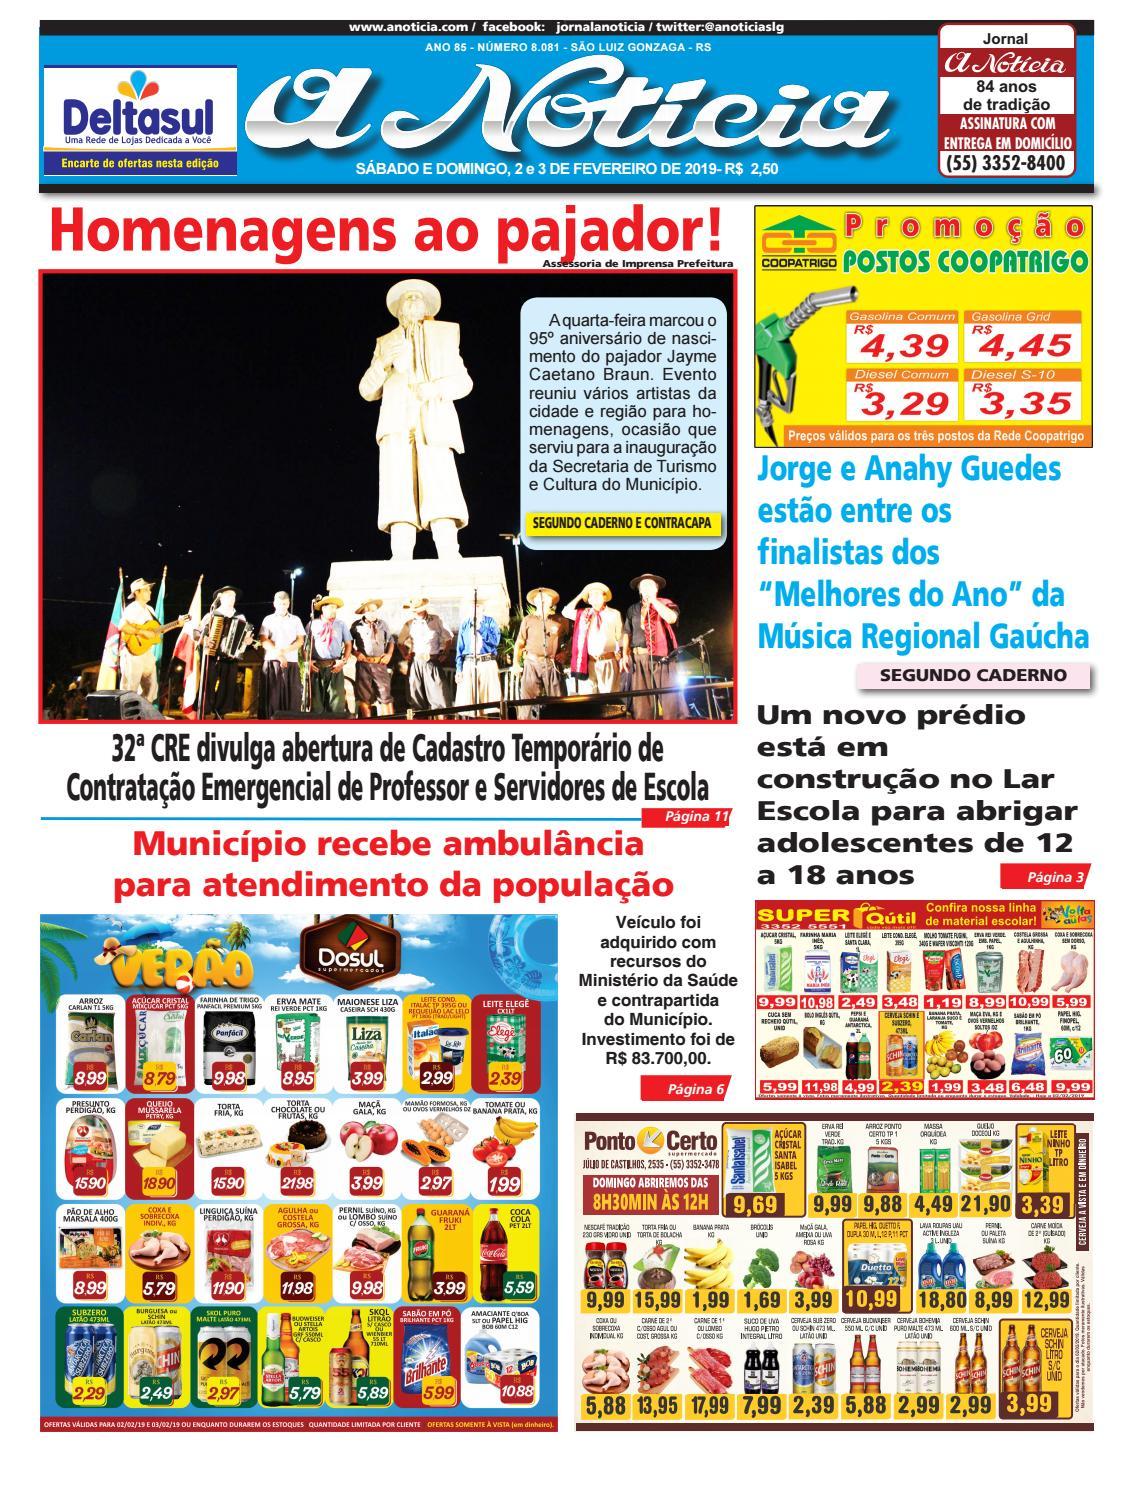 Edição do dia 02 e 03 by Jornal A Notícia - issuu e69ecba7c7125